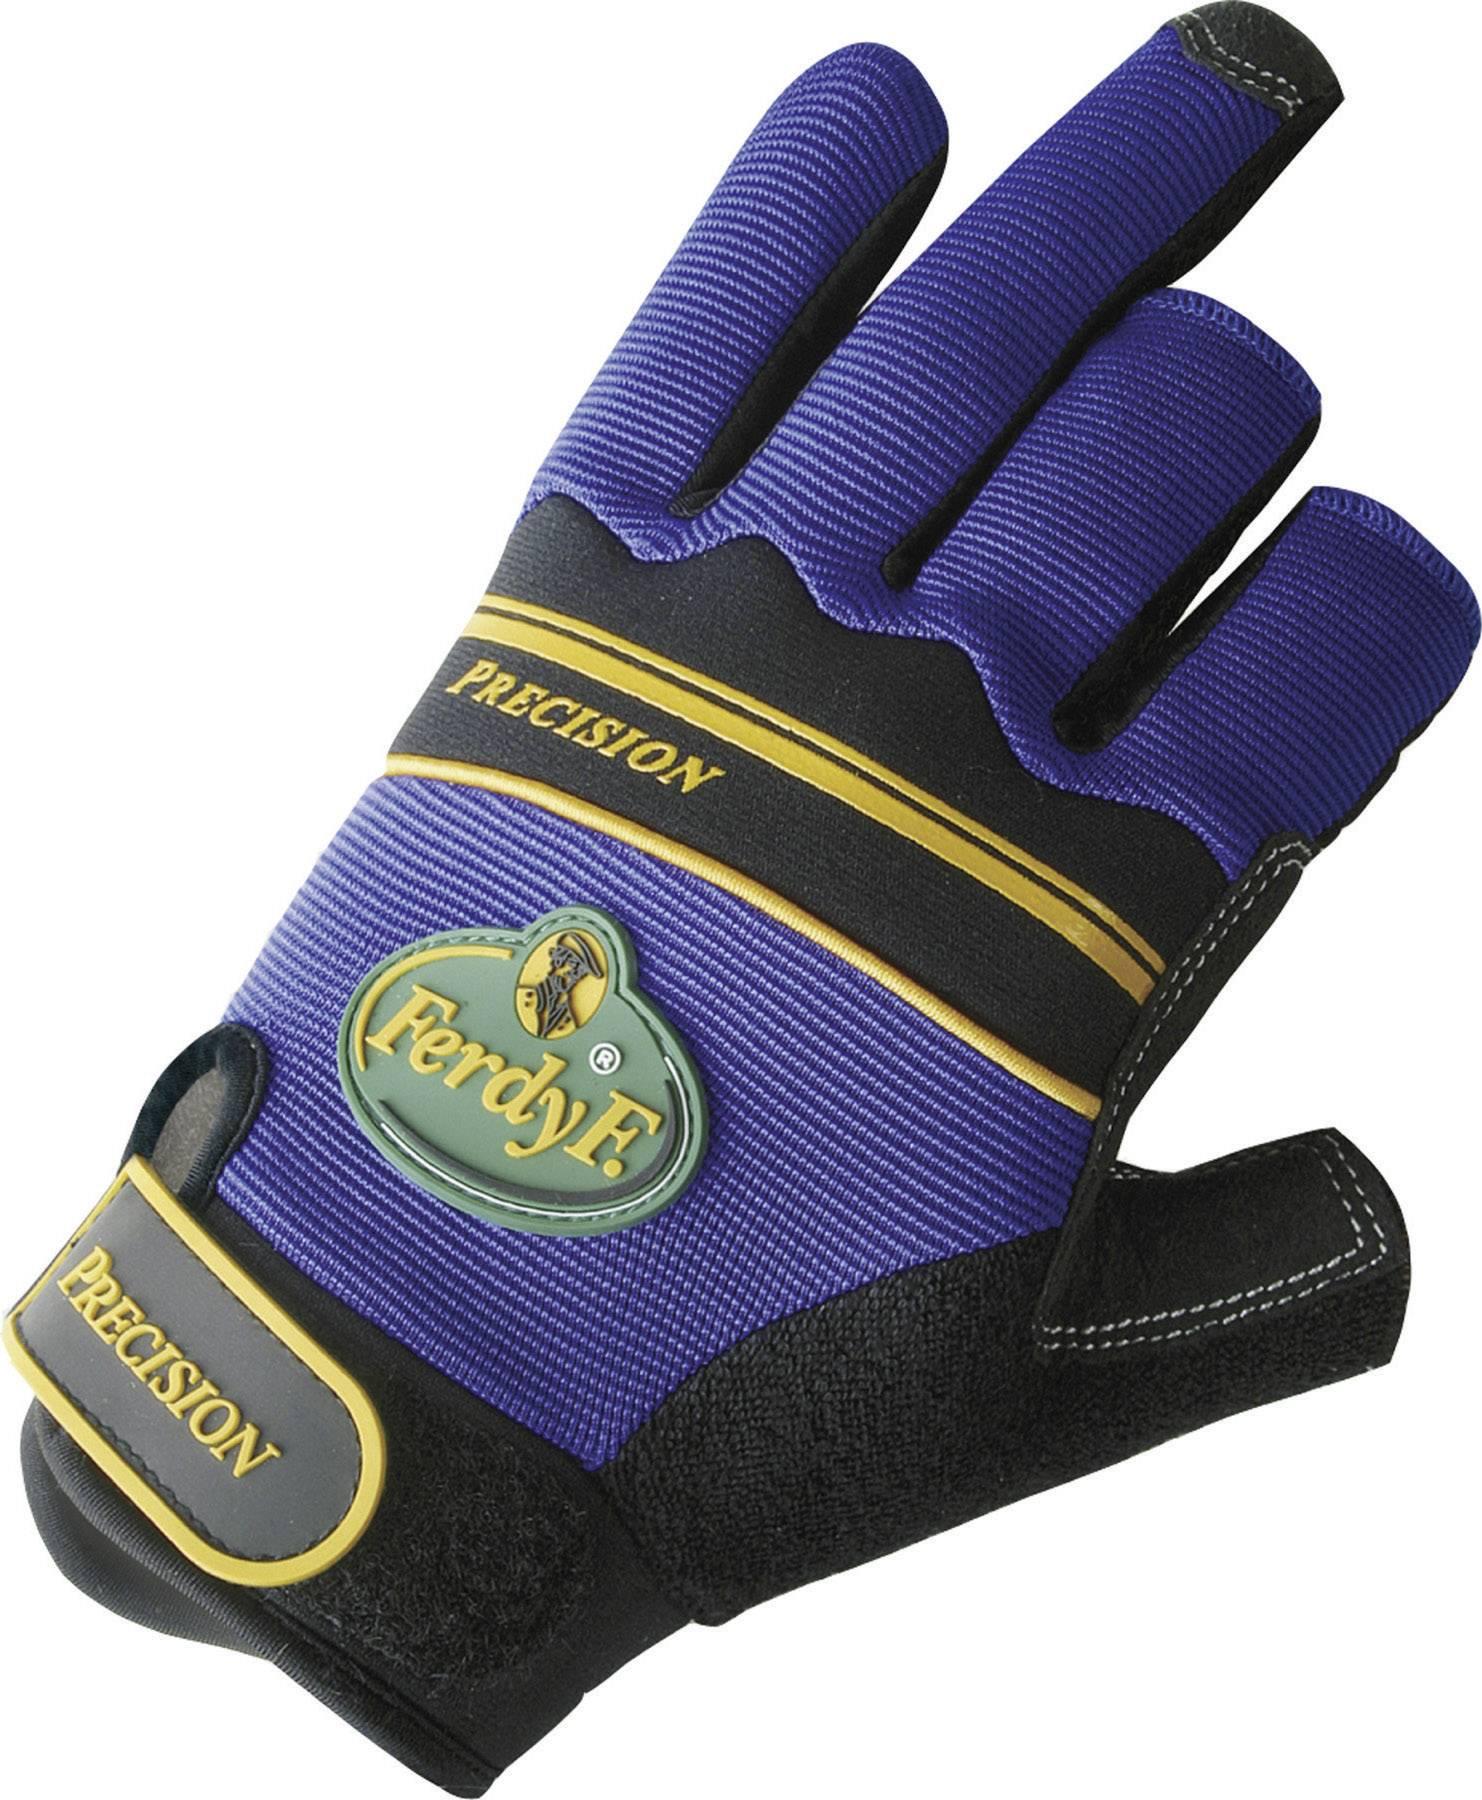 Montážní rukavice FerdyF. PRECISION 1920, velikost rukavic: 7, S